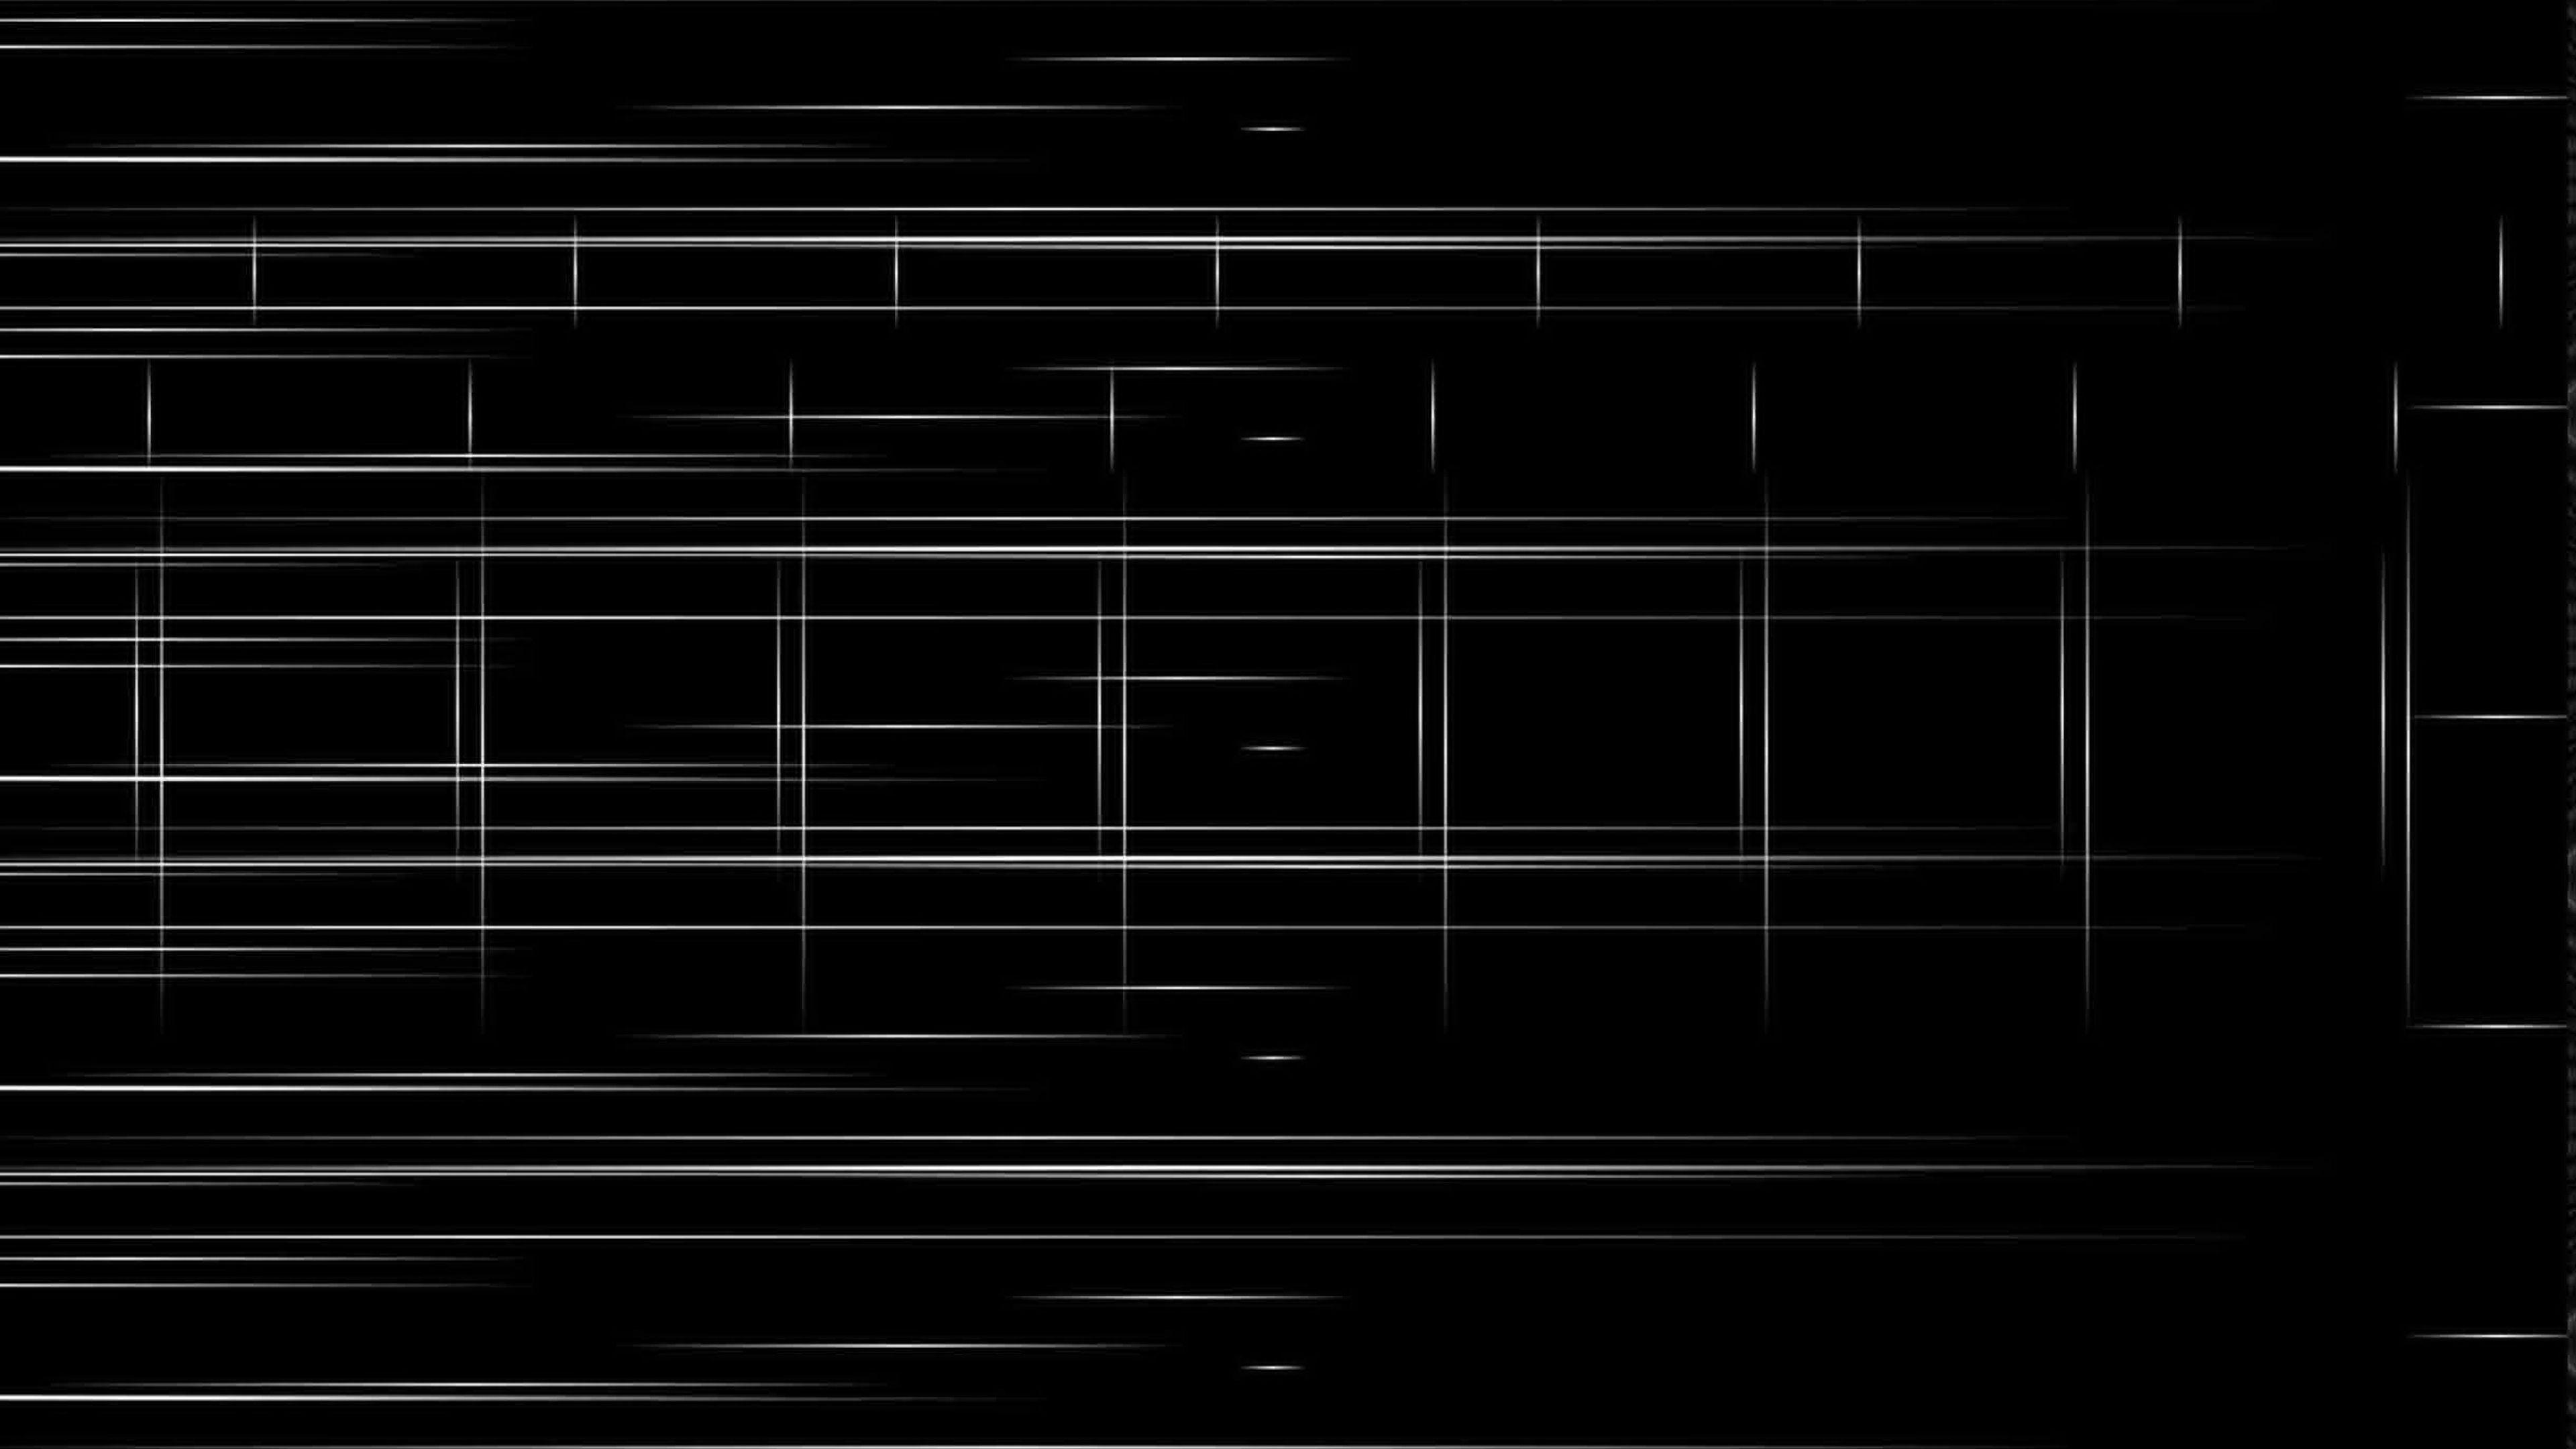 Hq Definition Dark Minimalist By Lucian Gedge